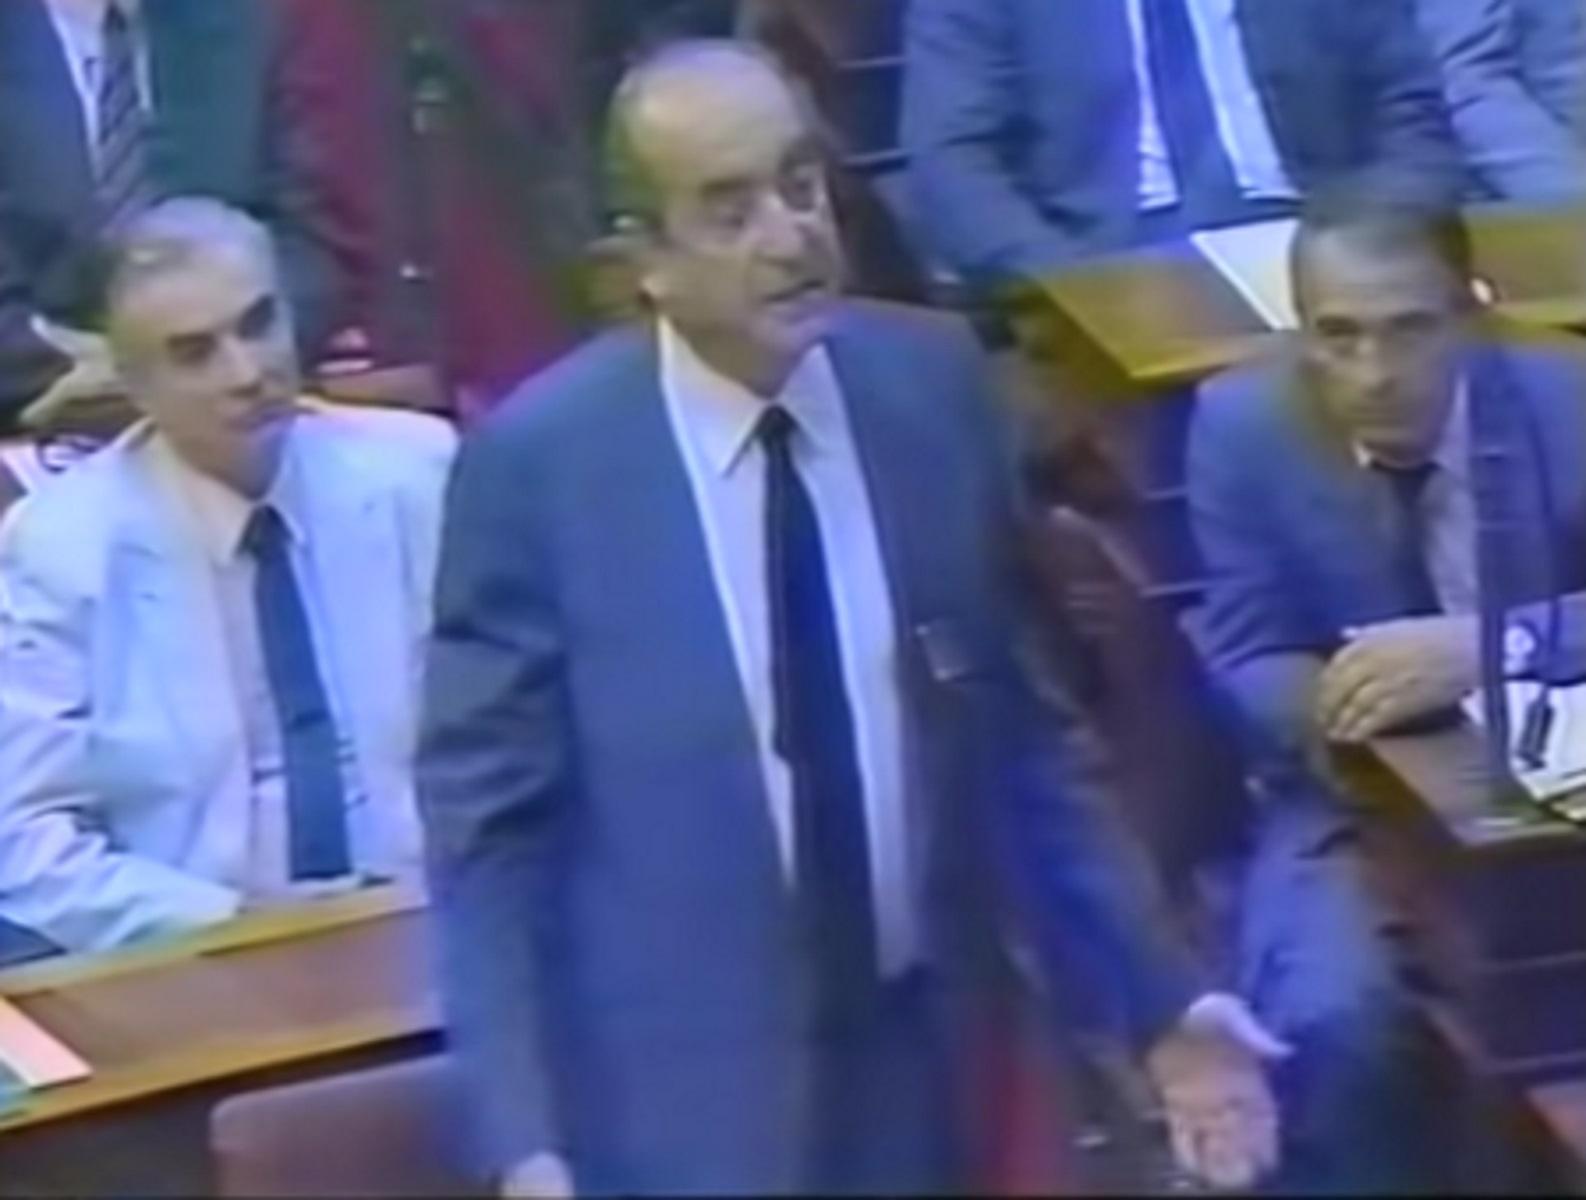 Δολοφονία Παύλου Μπακογιάννη: Όταν ο Κωνσταντίνος Μητσοτάκης συγκλόνισε στη Βουλή με την ομιλία του (video)